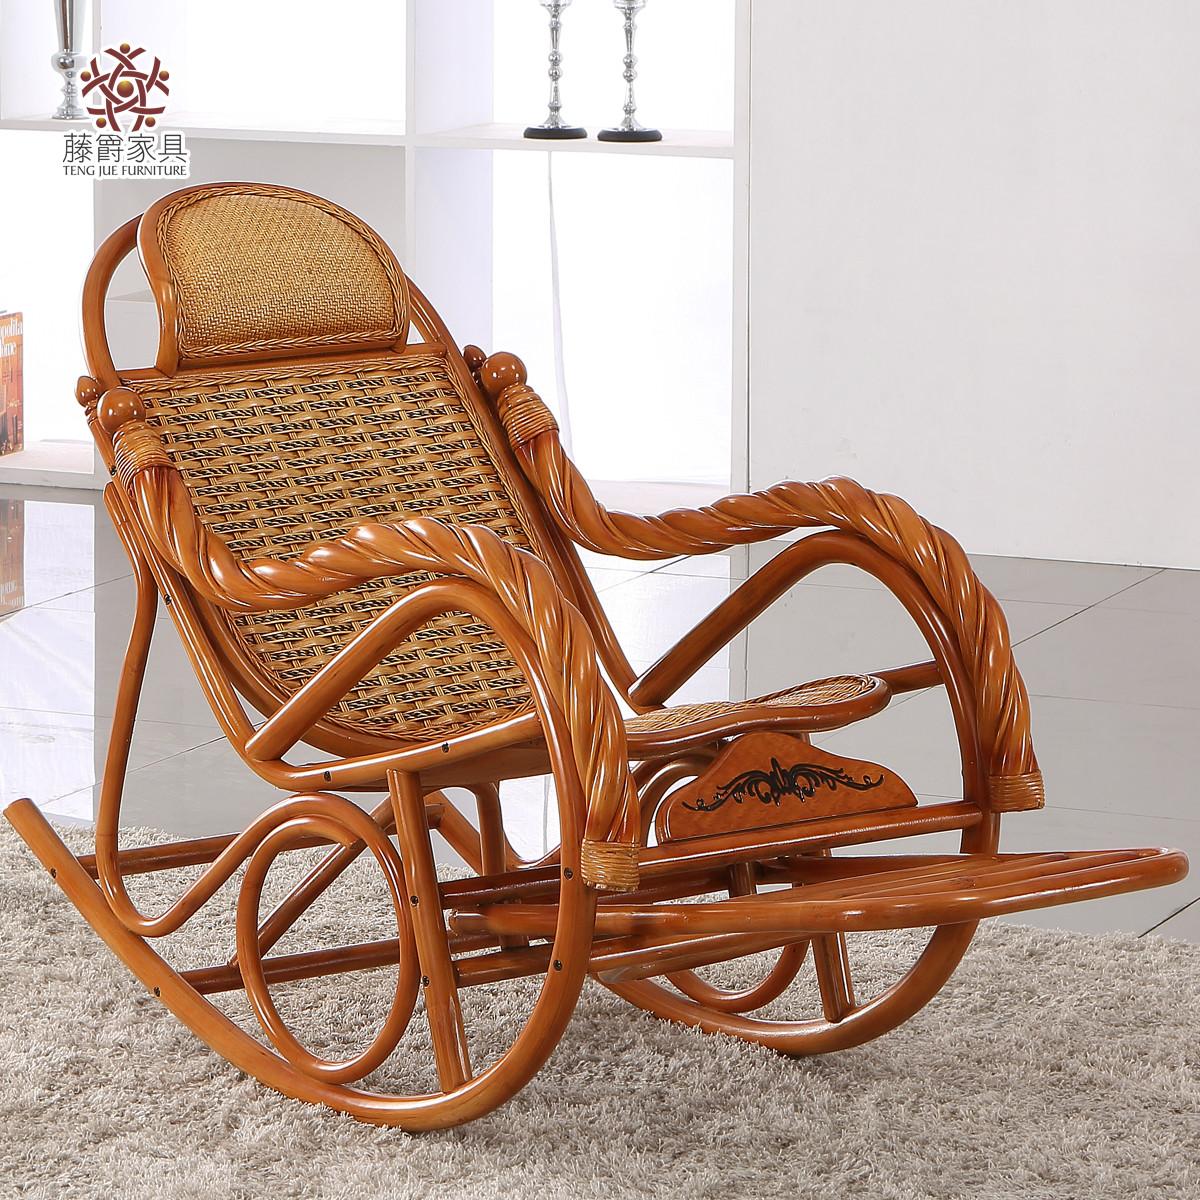 成人艺术片_藤爵家具 植物藤曲木结构伸缩艺术成人复古怀旧/老家具 藤椅